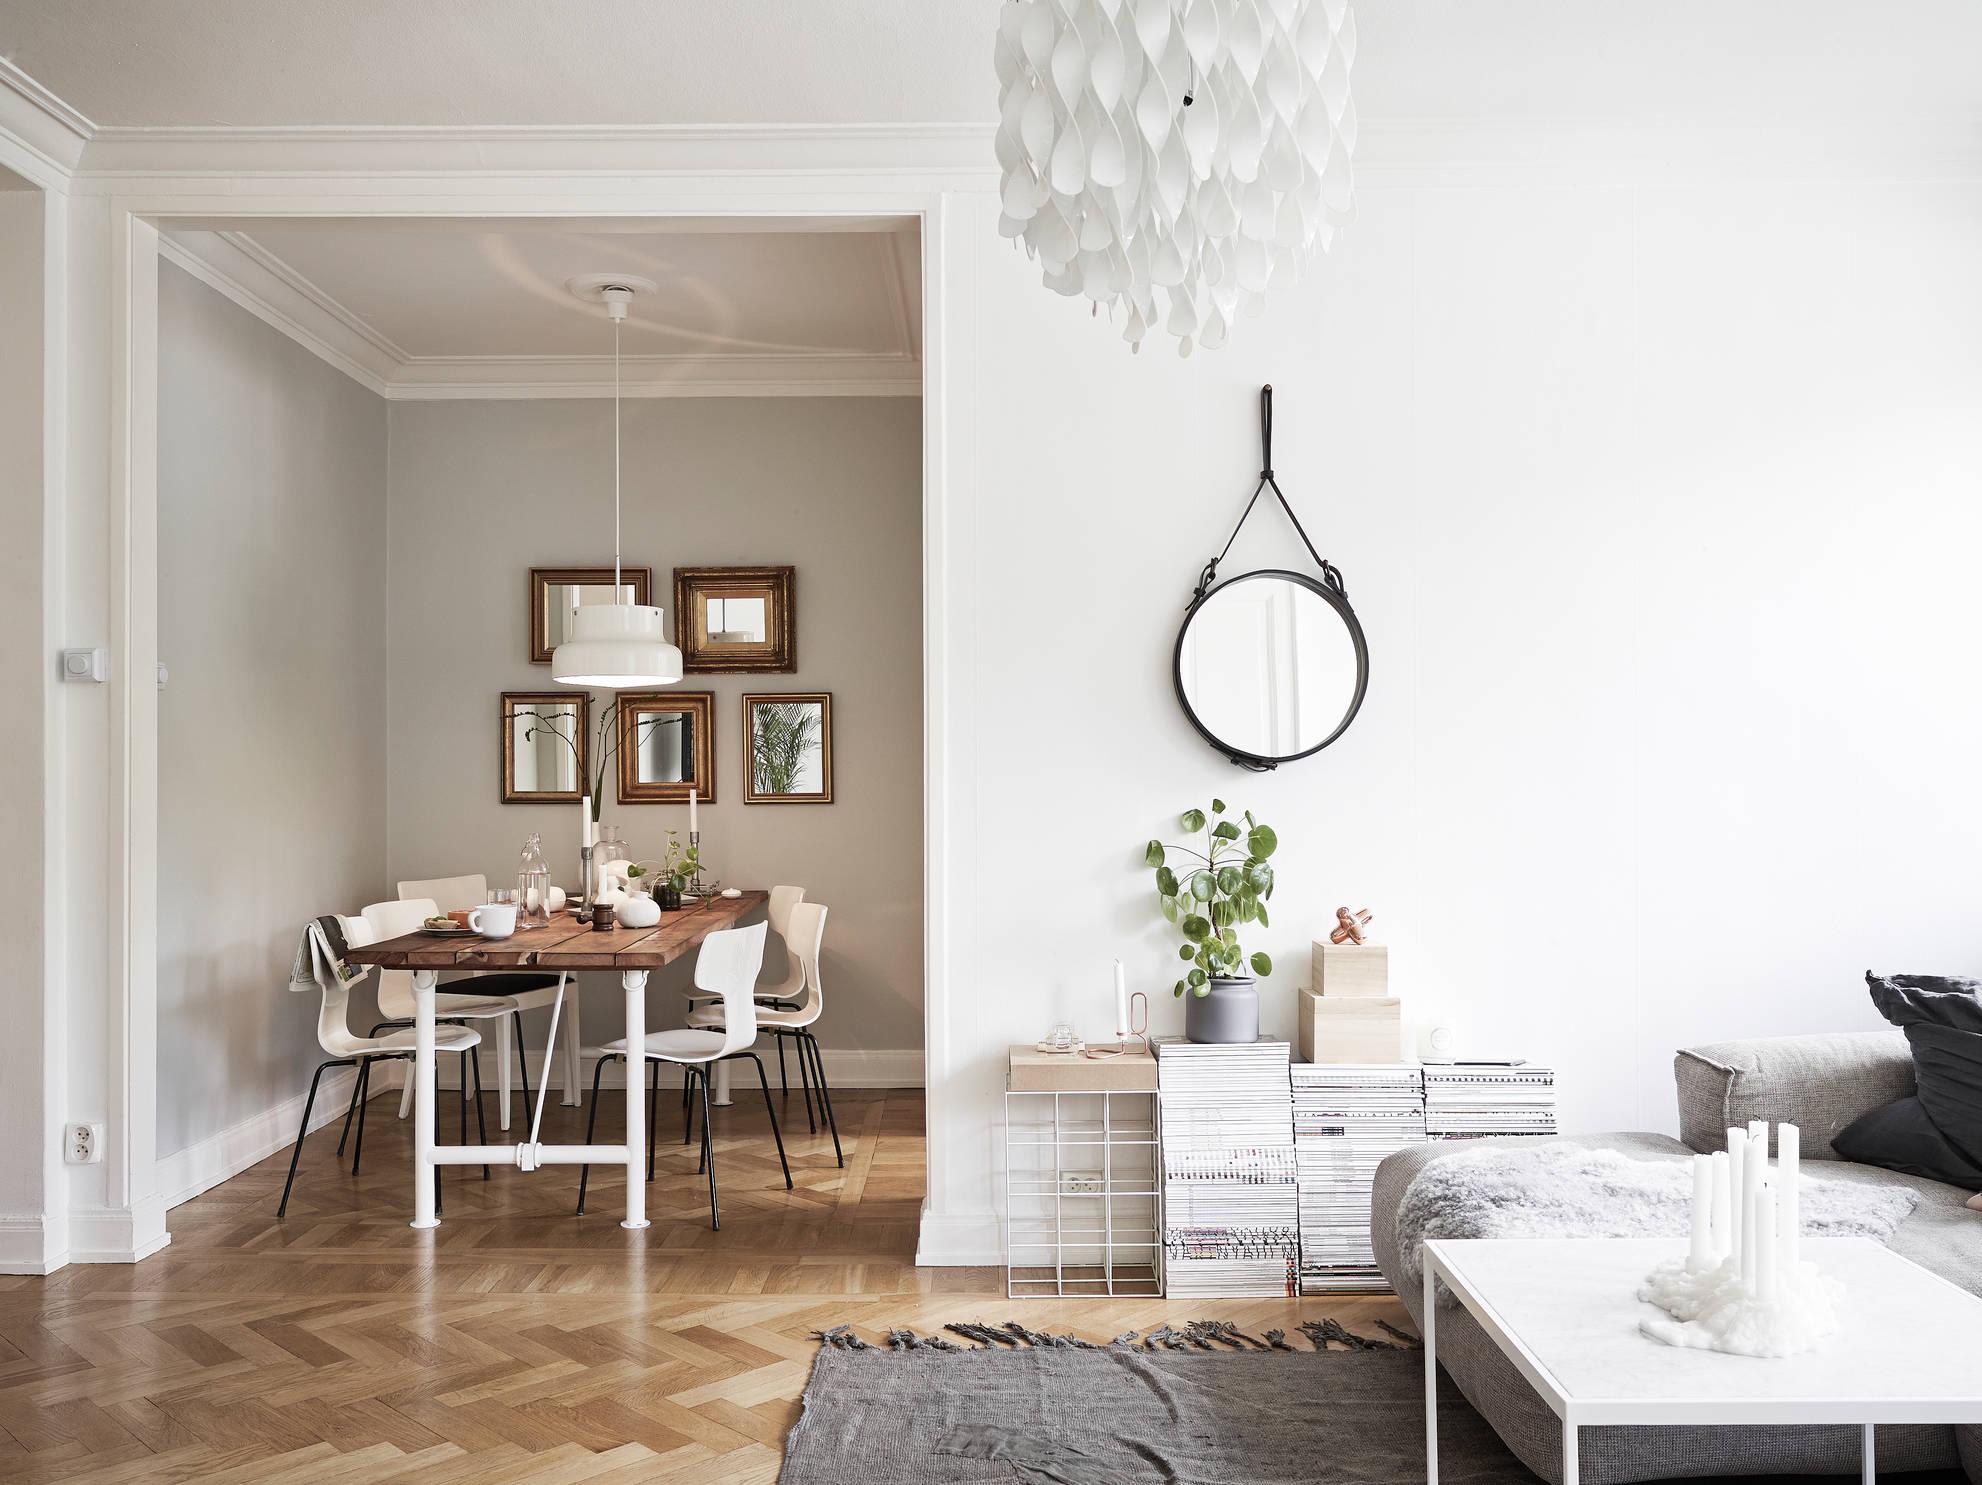 Weiß mit Holz - die perfekte Kombination